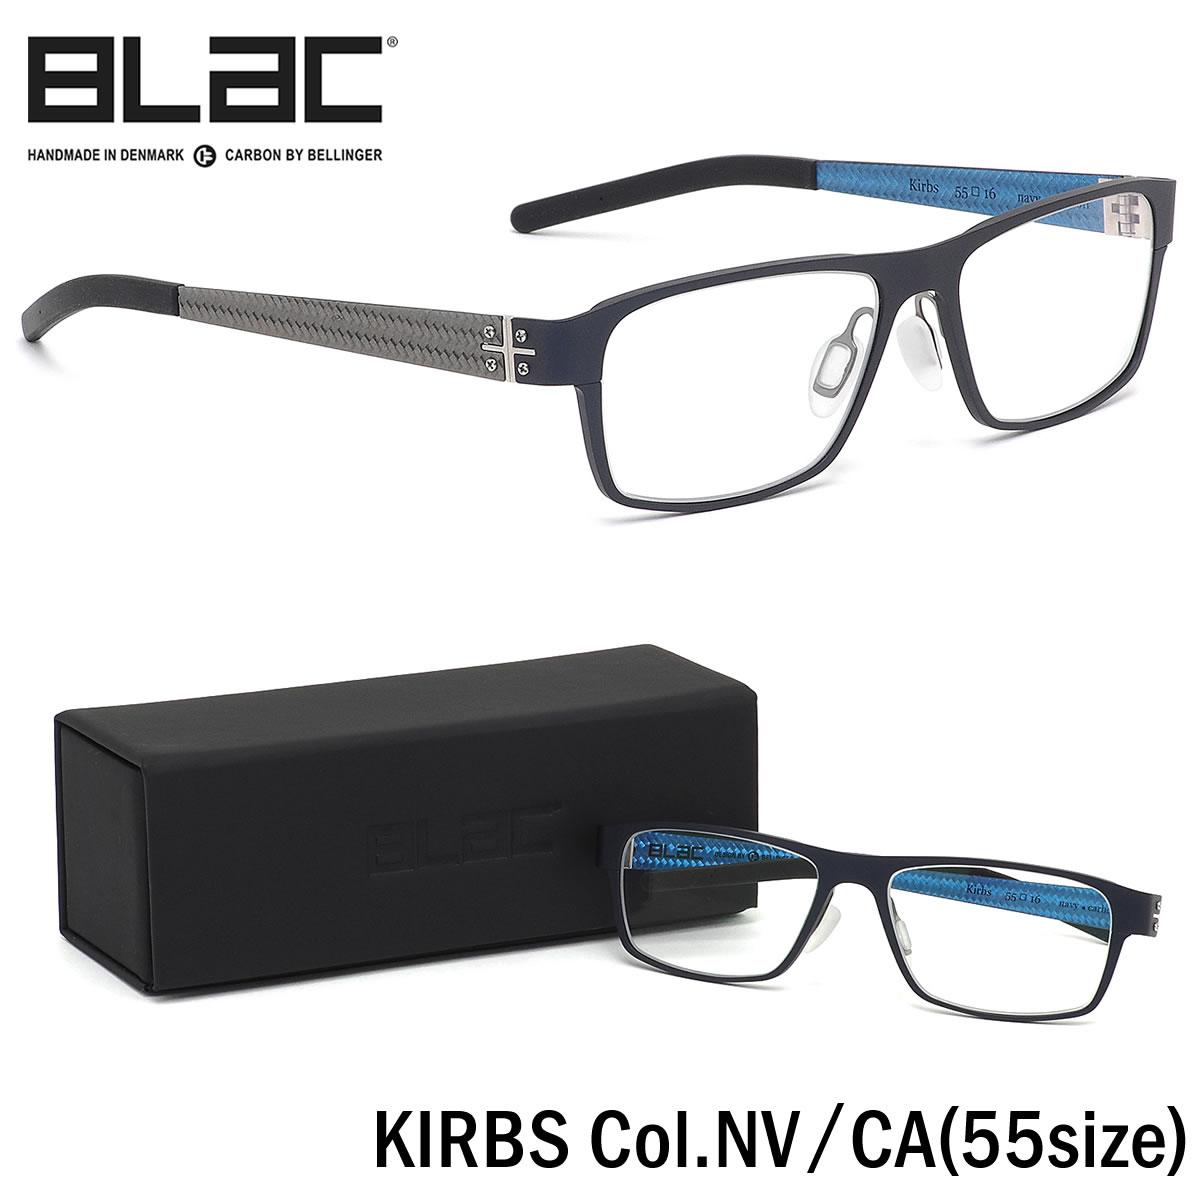 【10月30日からエントリーで全品ポイント20倍】ブラック BLaC メガネKIRBS NV/CA 55サイズKIRBS カーボンファイバー CARBON FIBER ハイブリッド ALU アル アルミニウムブラック BLaC メンズ レディース